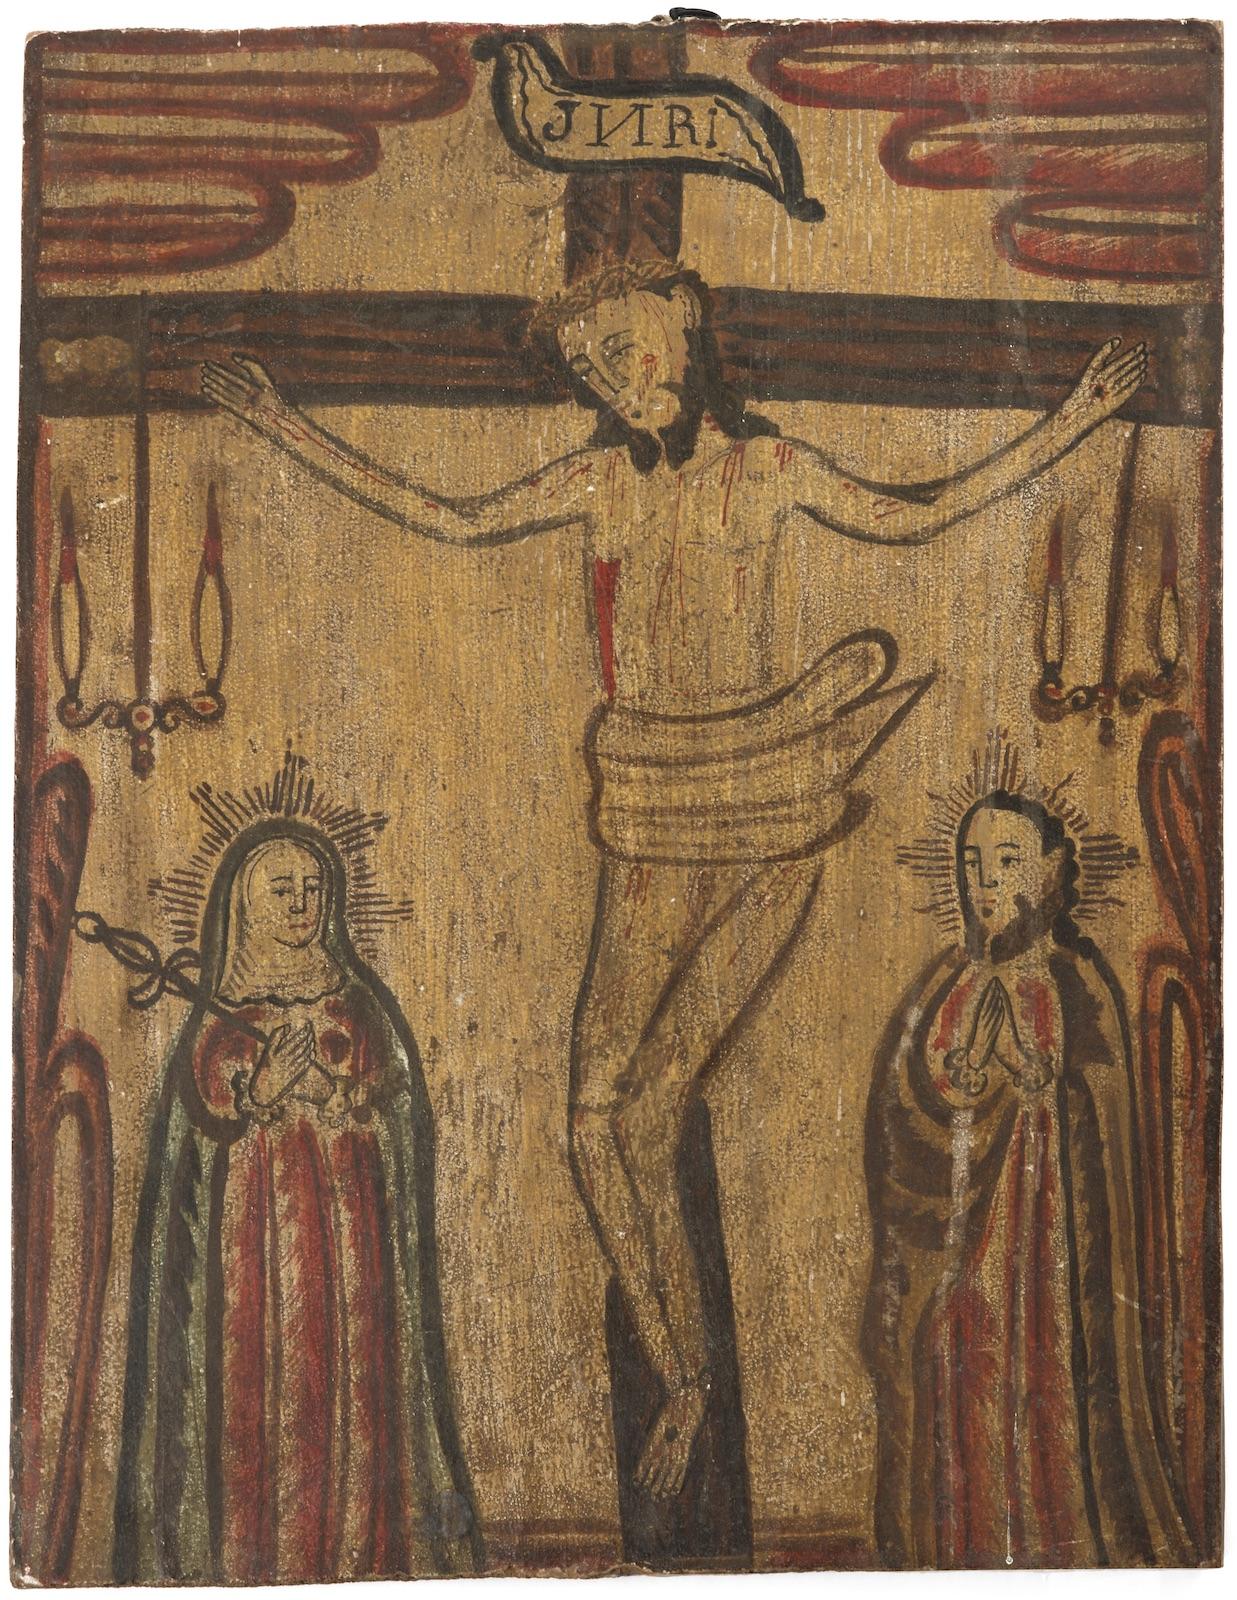 Antonio Molleno, Cristo Crucificado